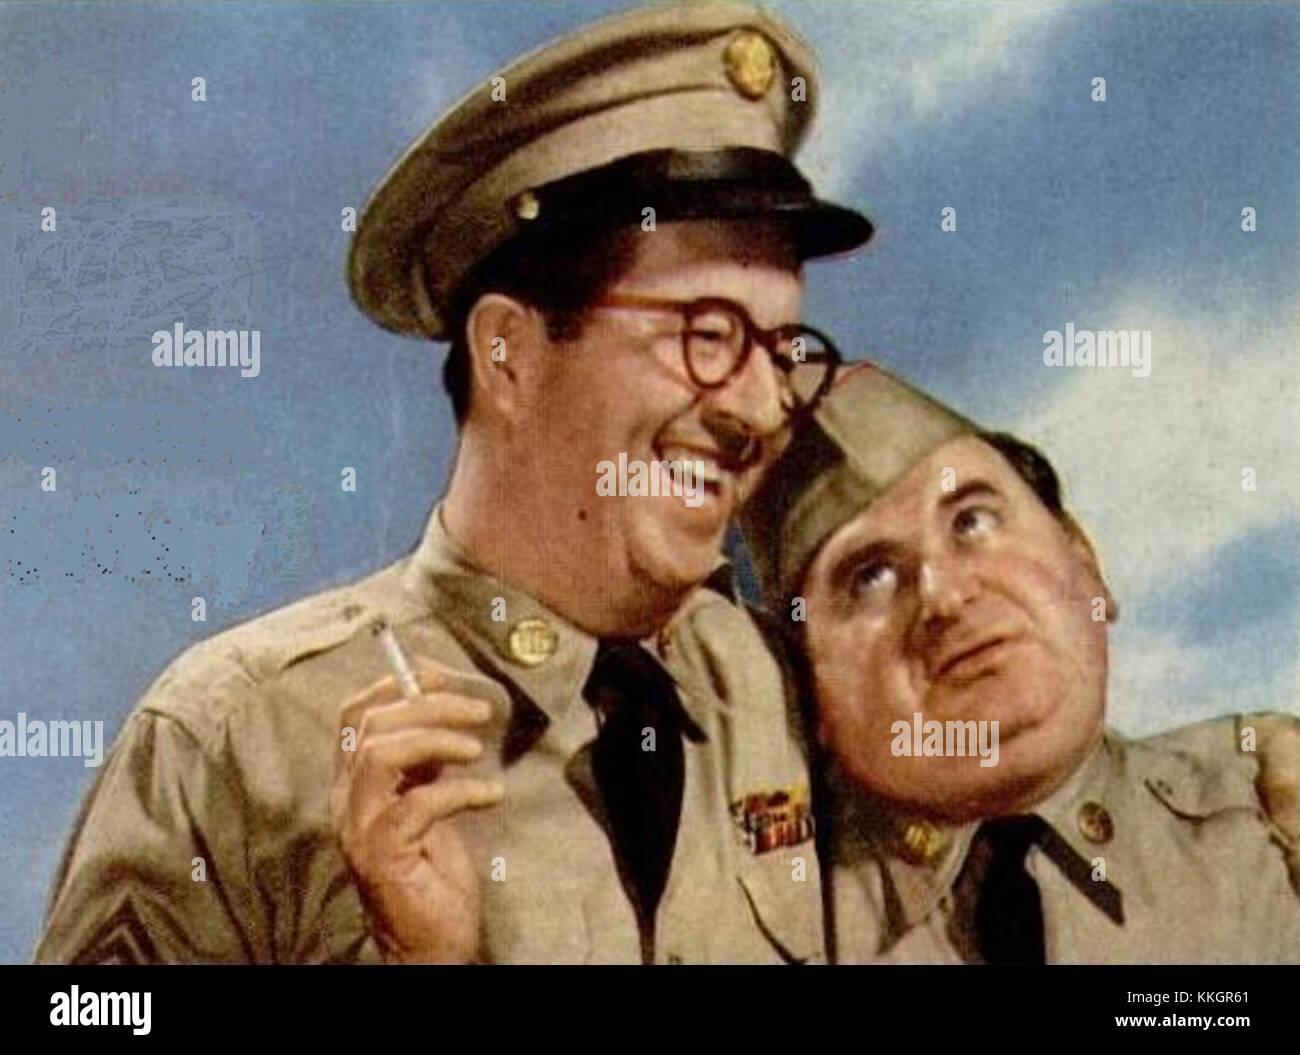 Sgt bilko 1956 - Stock Image